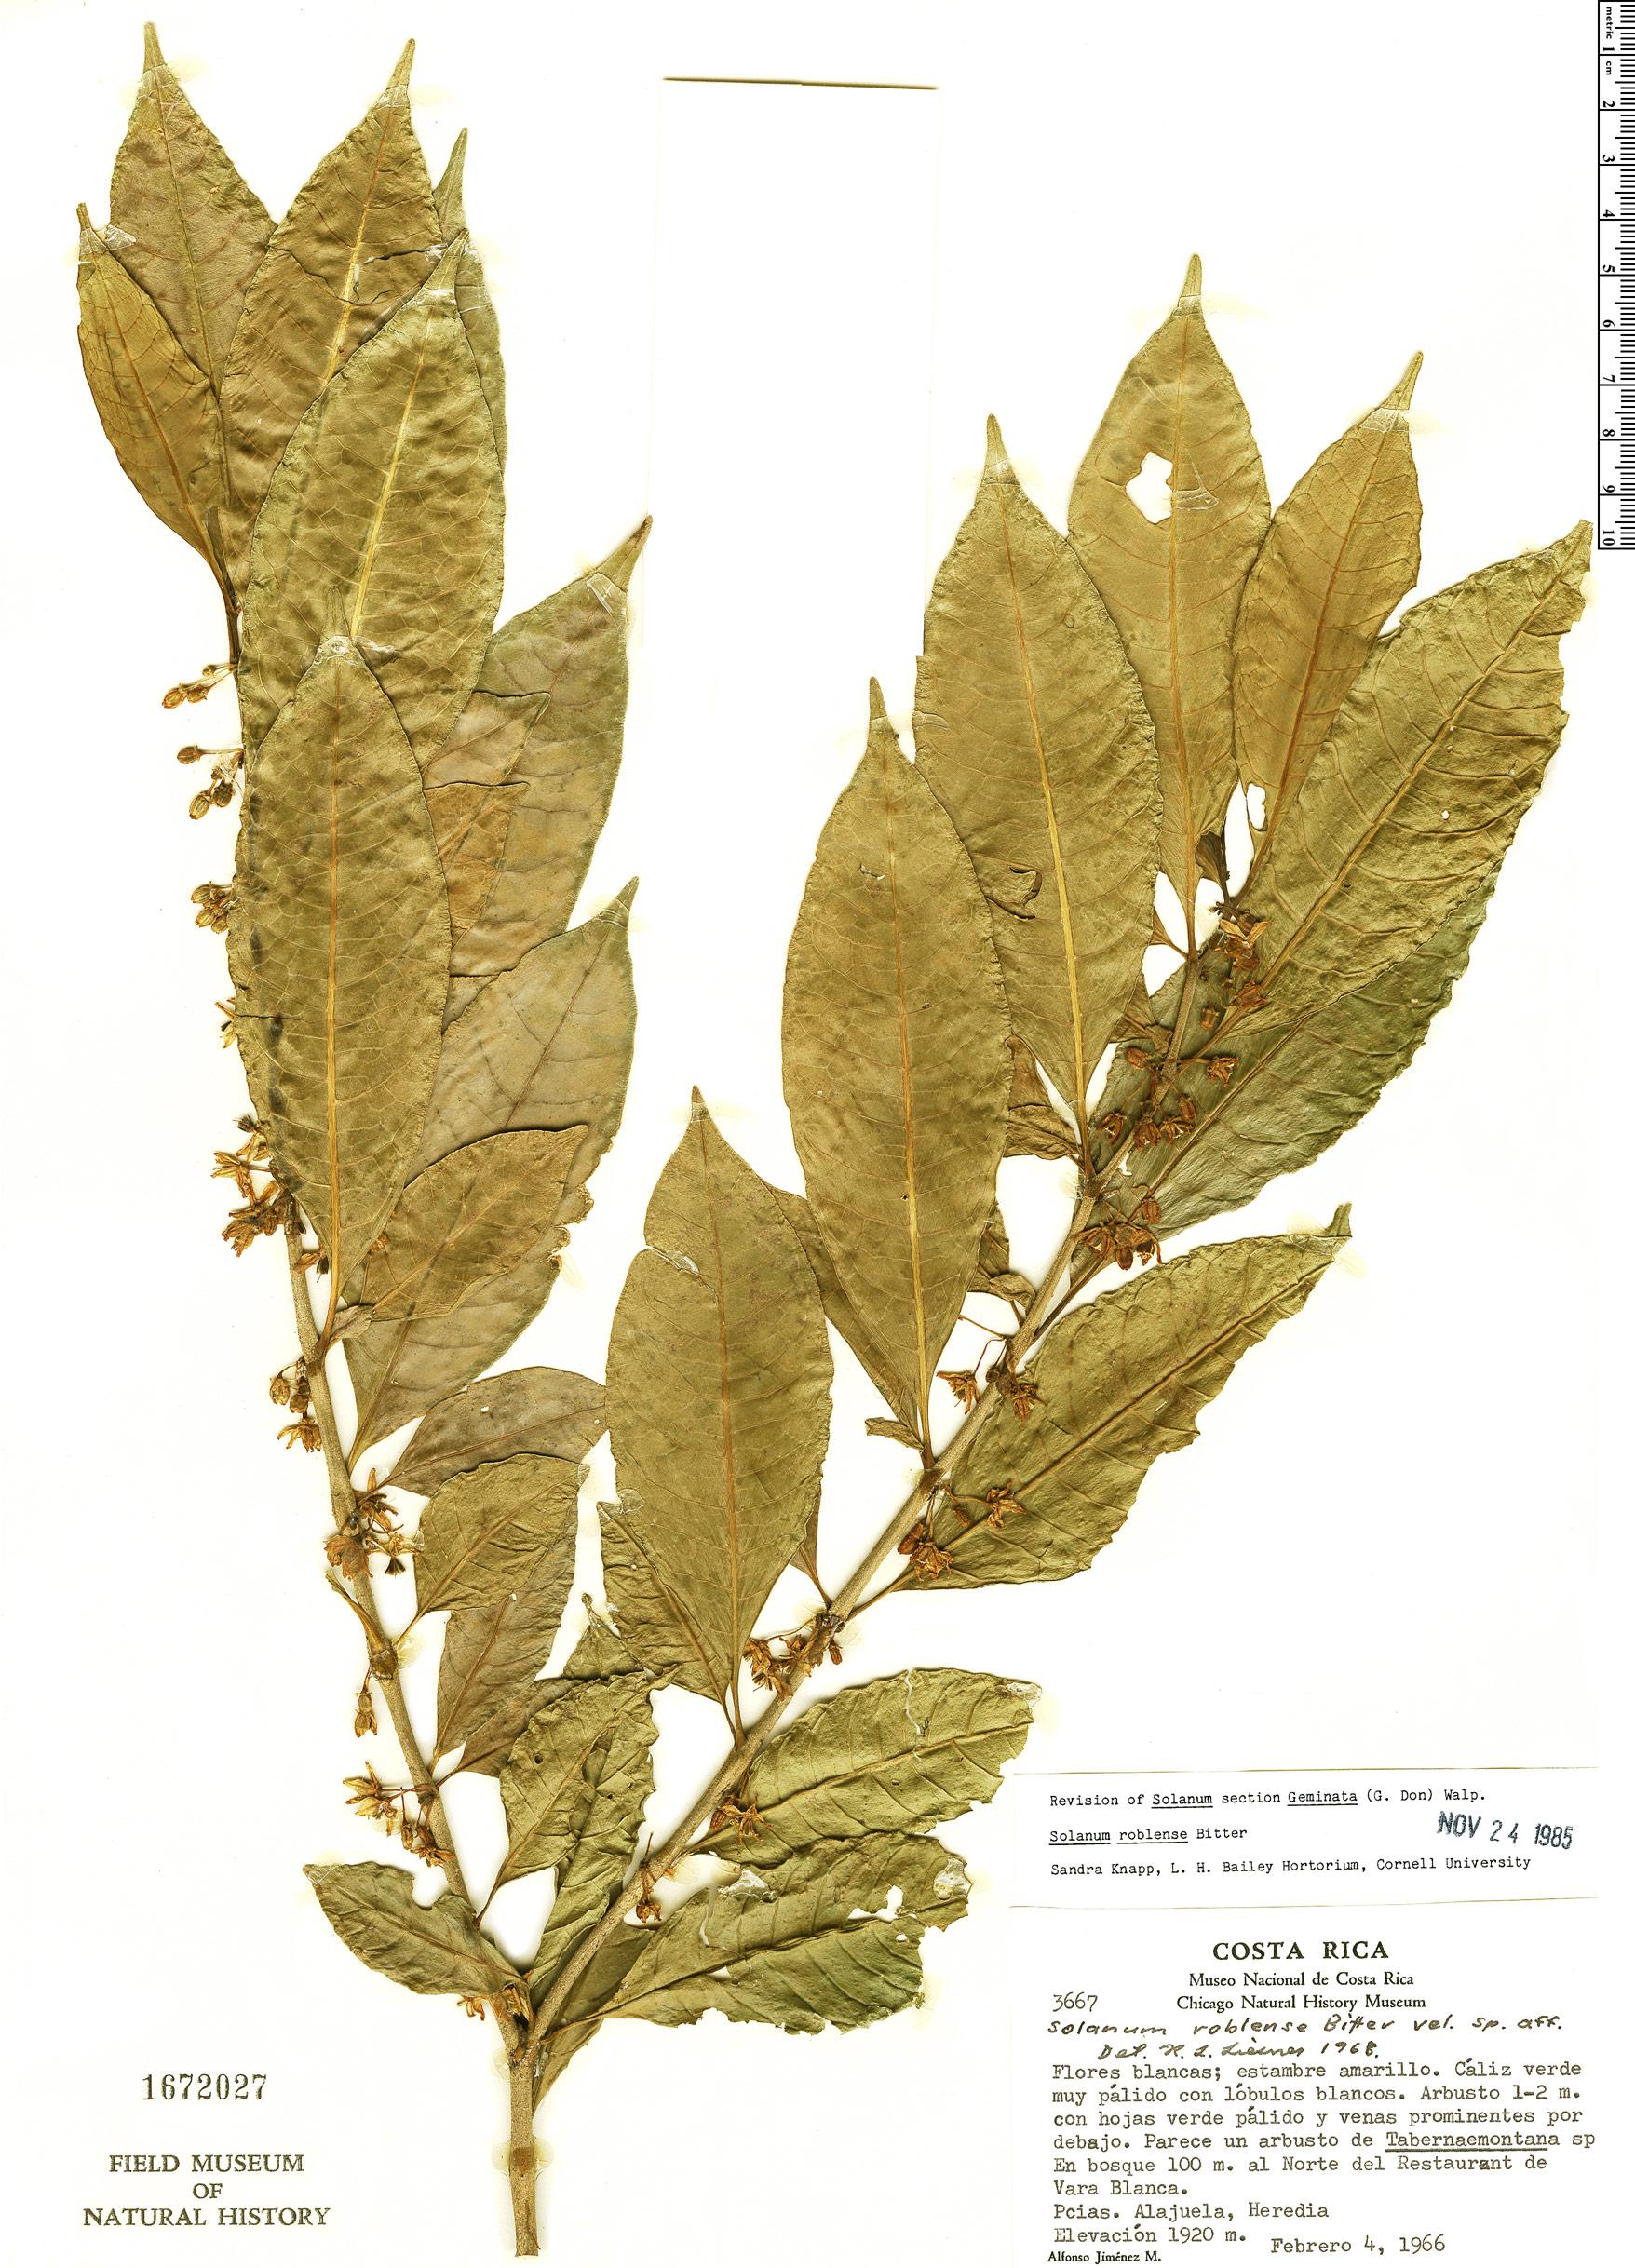 Specimen: Solanum roblense